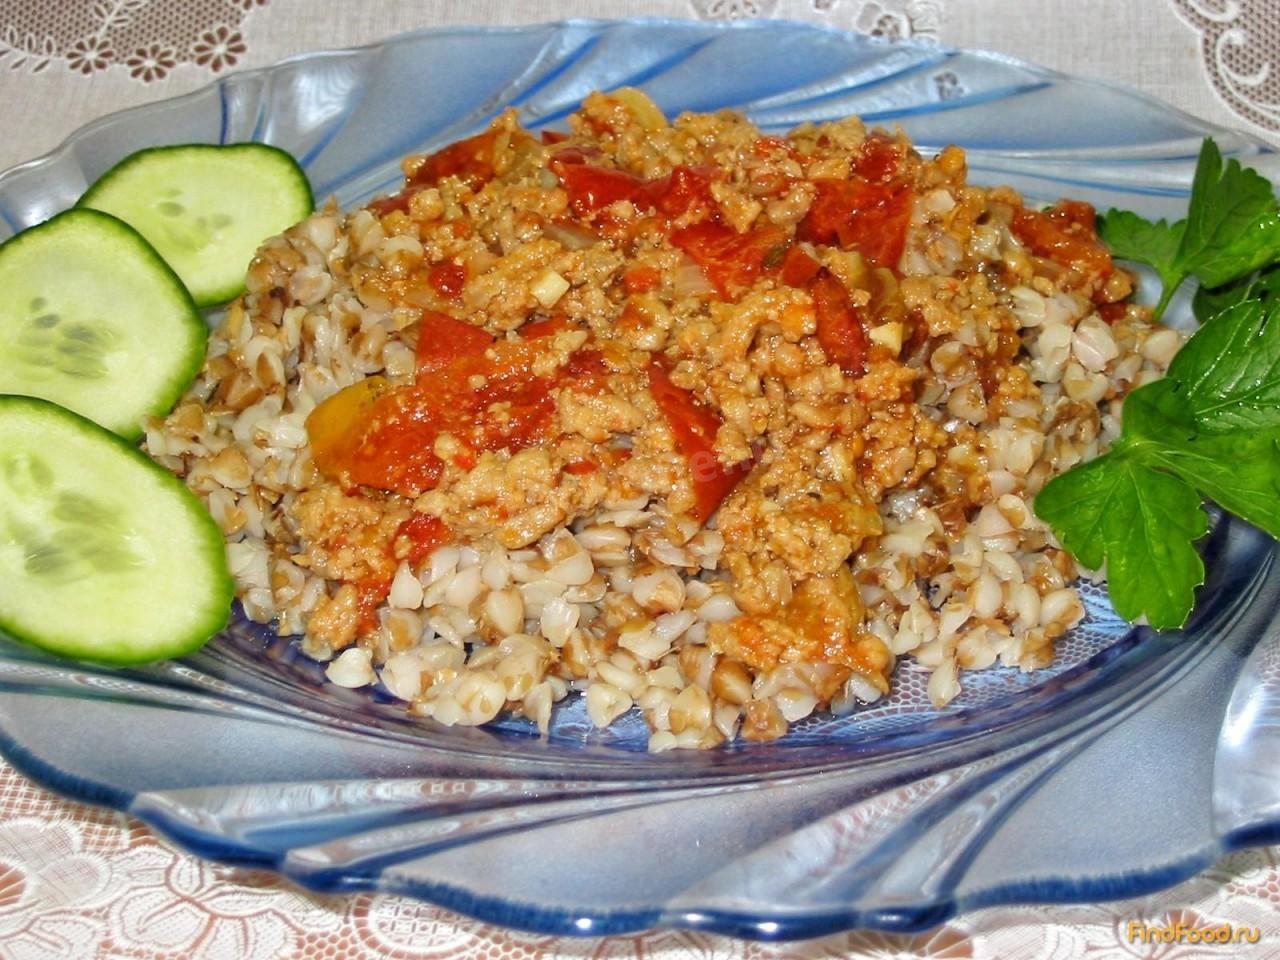 Гречка с мясом и грибами рецепт пошагово